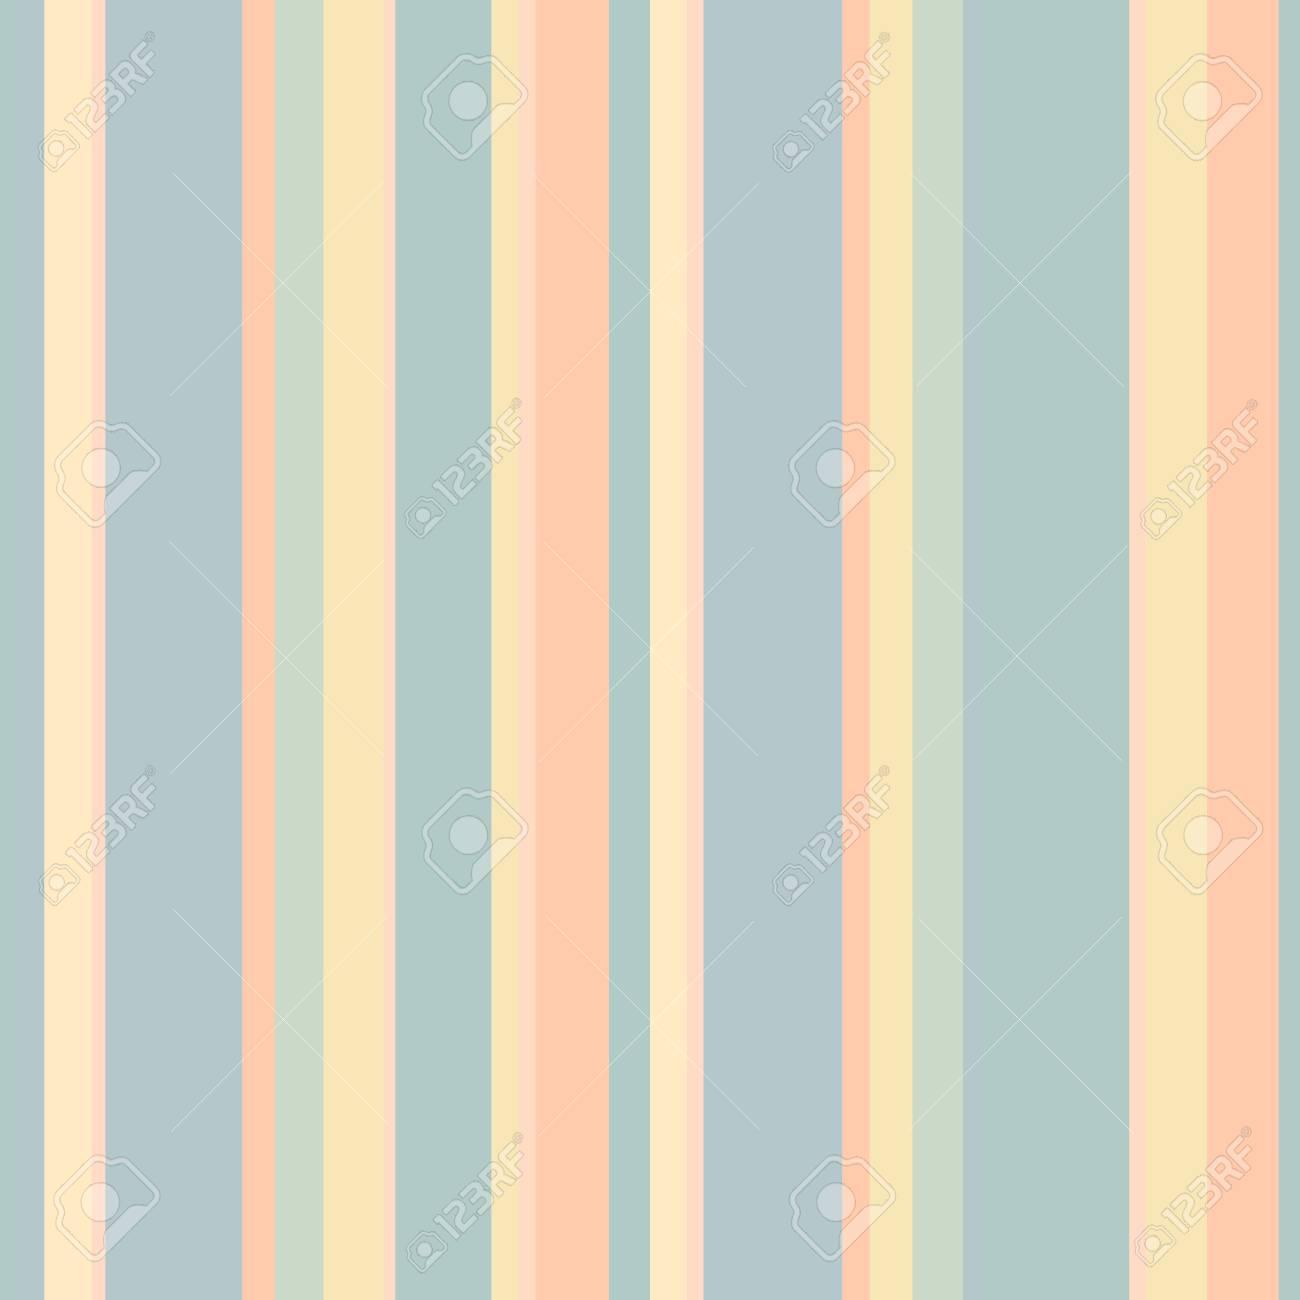 Carta Da Parati A Strisce Colorate.Carta Da Parati Astratta Con Strisce Colorate Sfondo Colorato Senza Soluzione Di Continuita